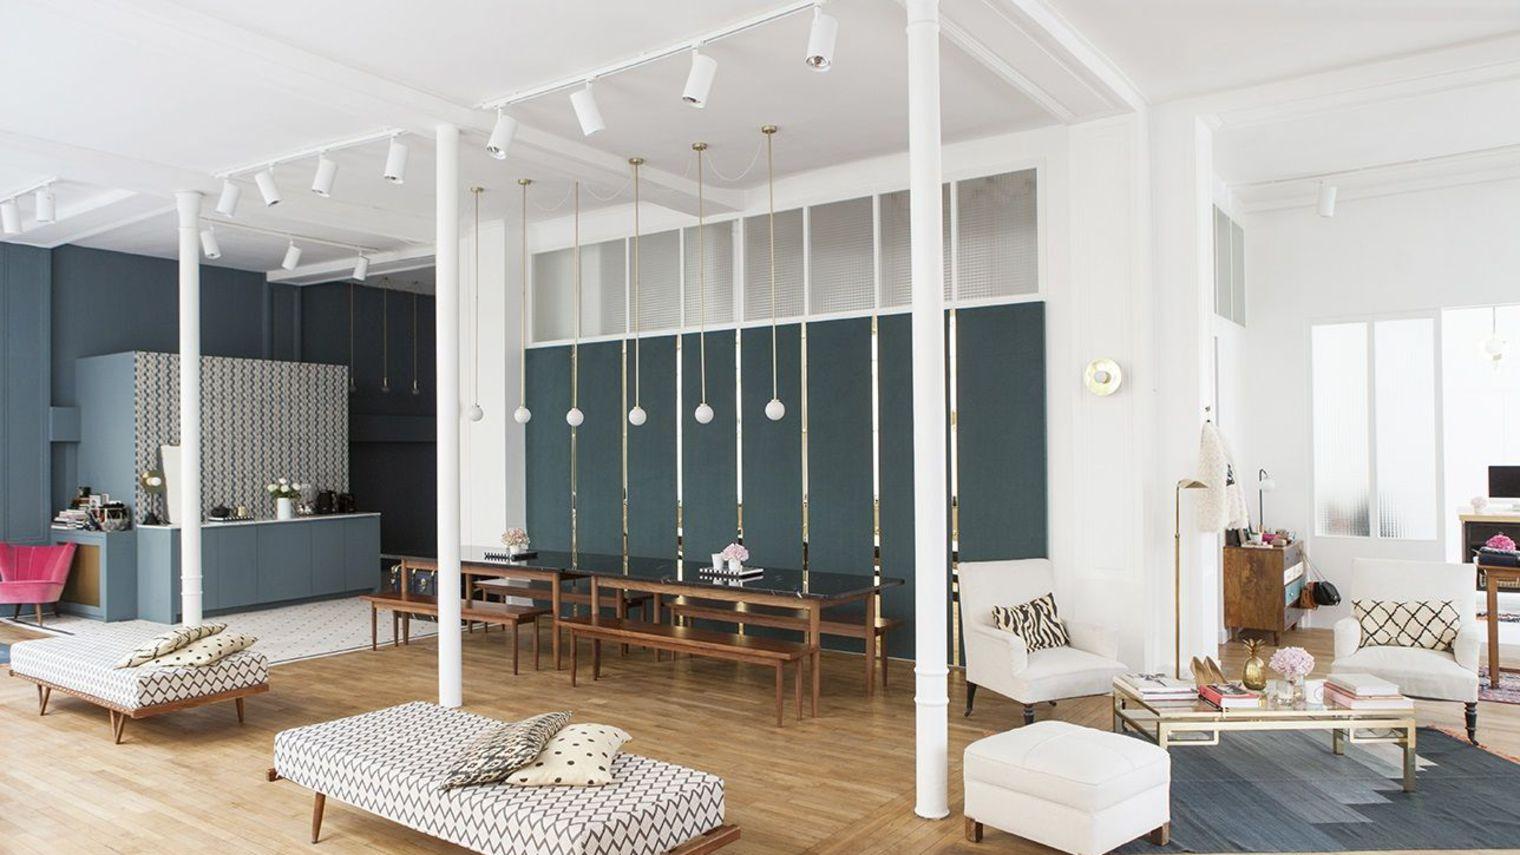 Location appartement Grenoble : respectez les démarches et tout se passera bien